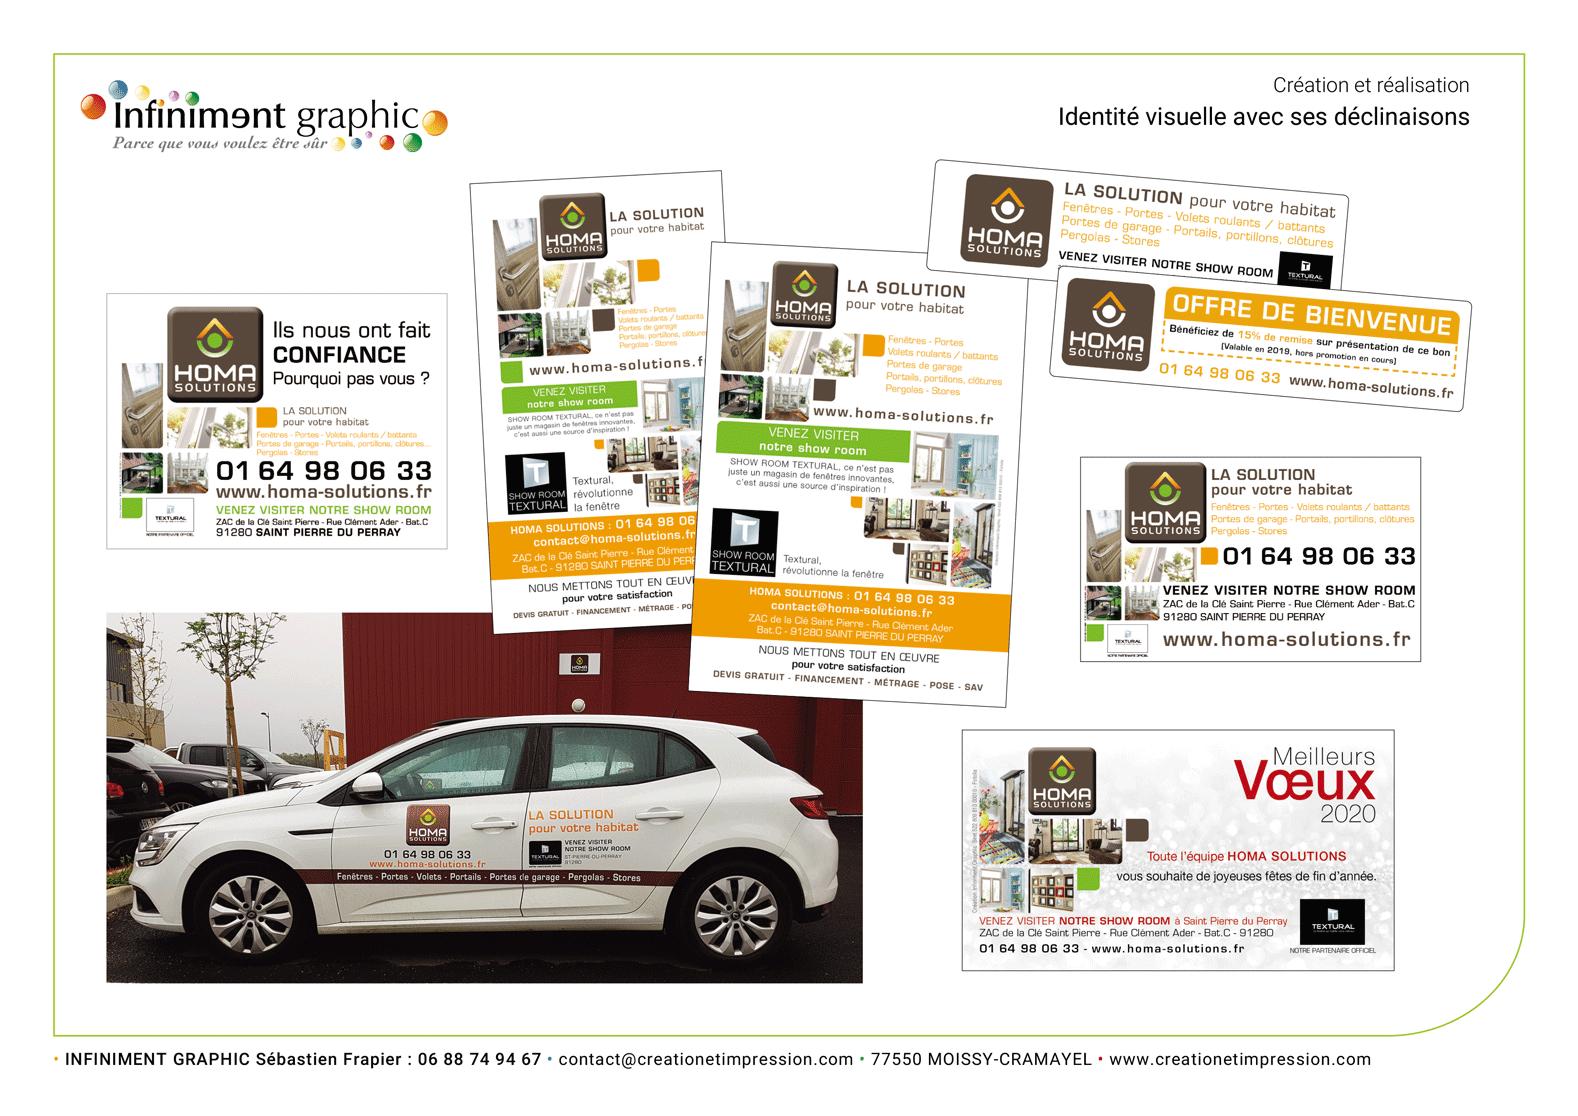 Homa Solutions Publicités Voeux Véhicules Panneaux